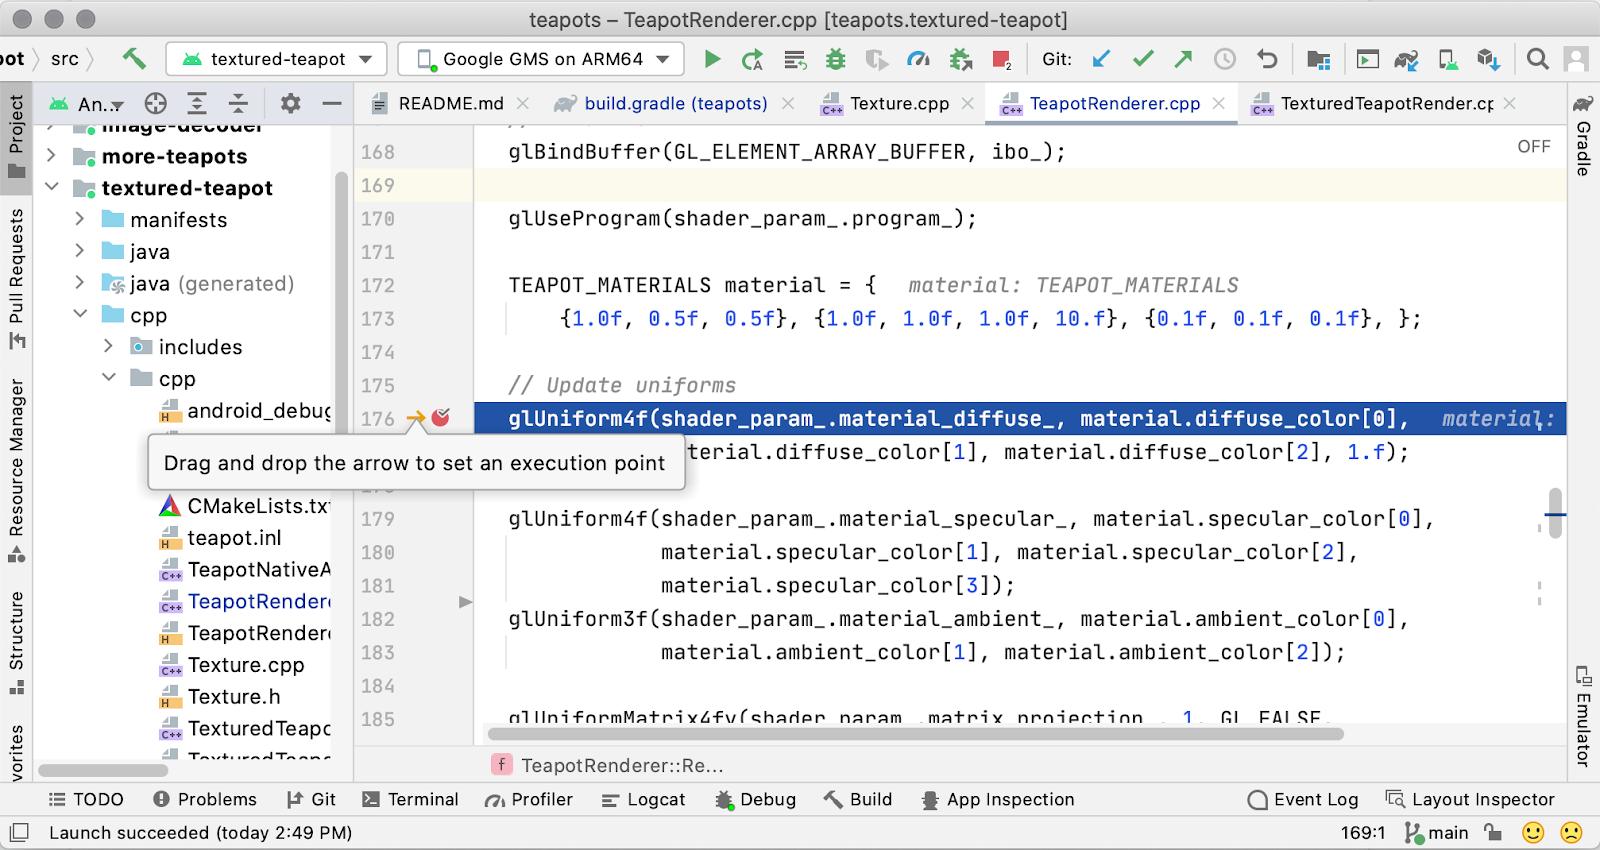 C/C++ 코드 편집기에서 실행 지점 설정